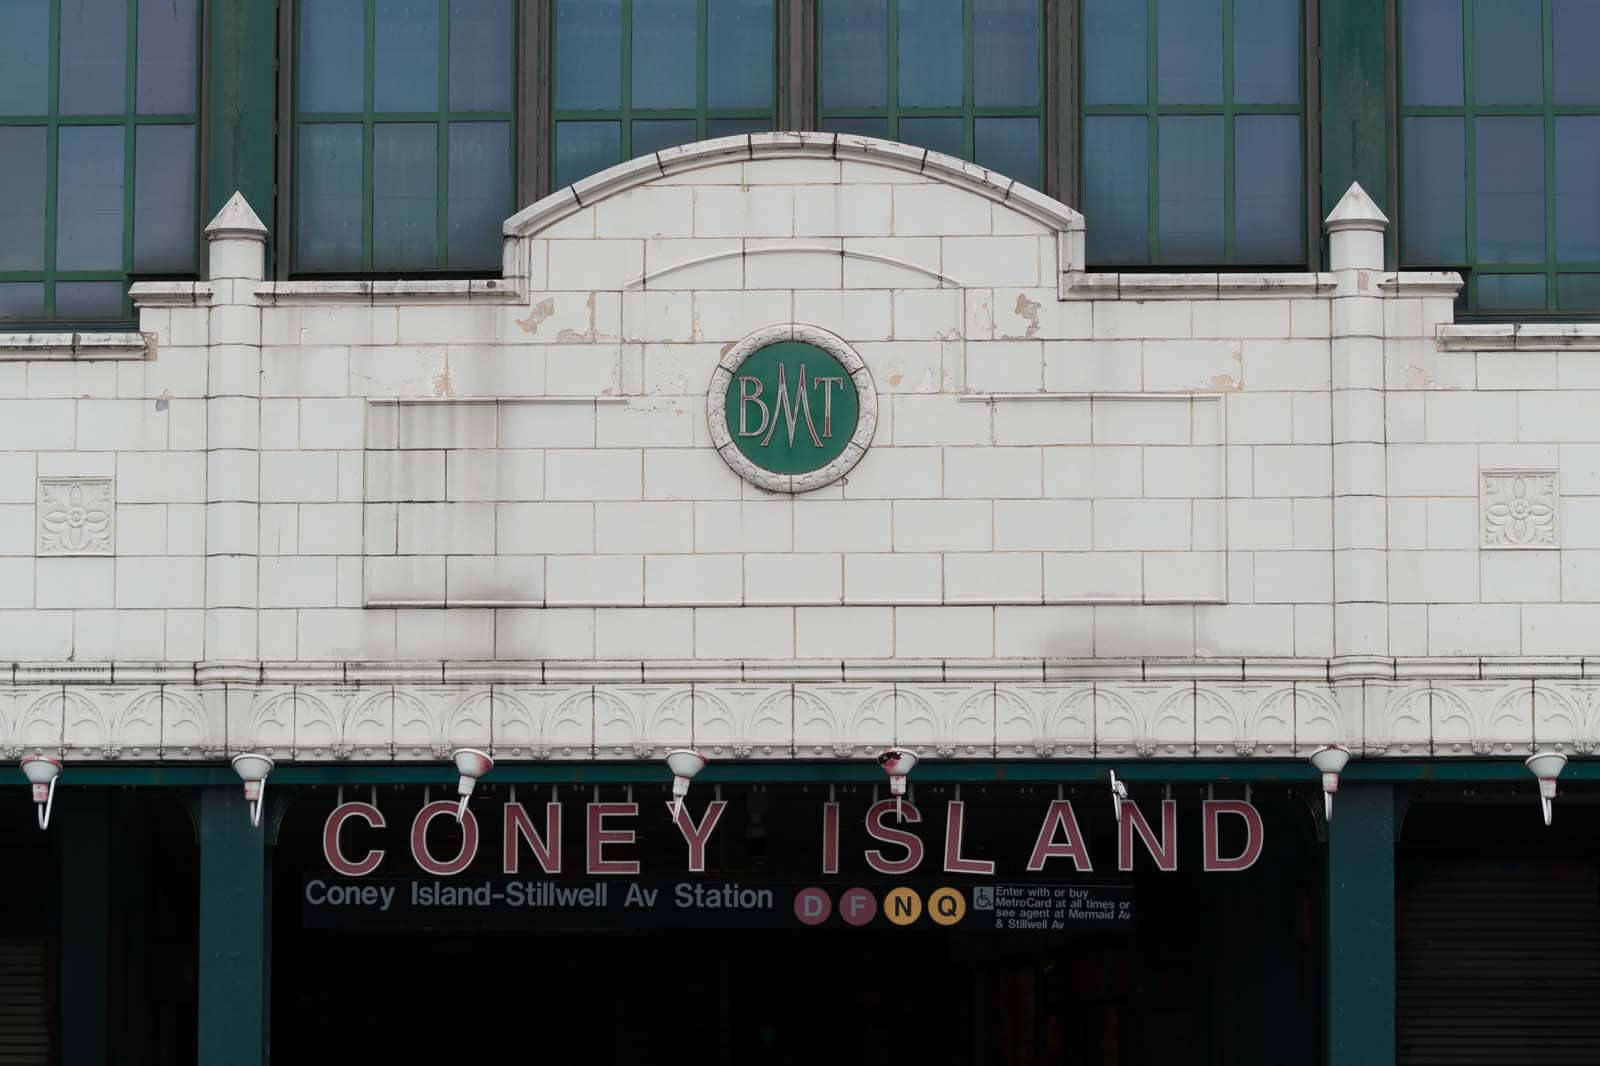 Coney Island Stillwell Avenue Station in Brooklyn